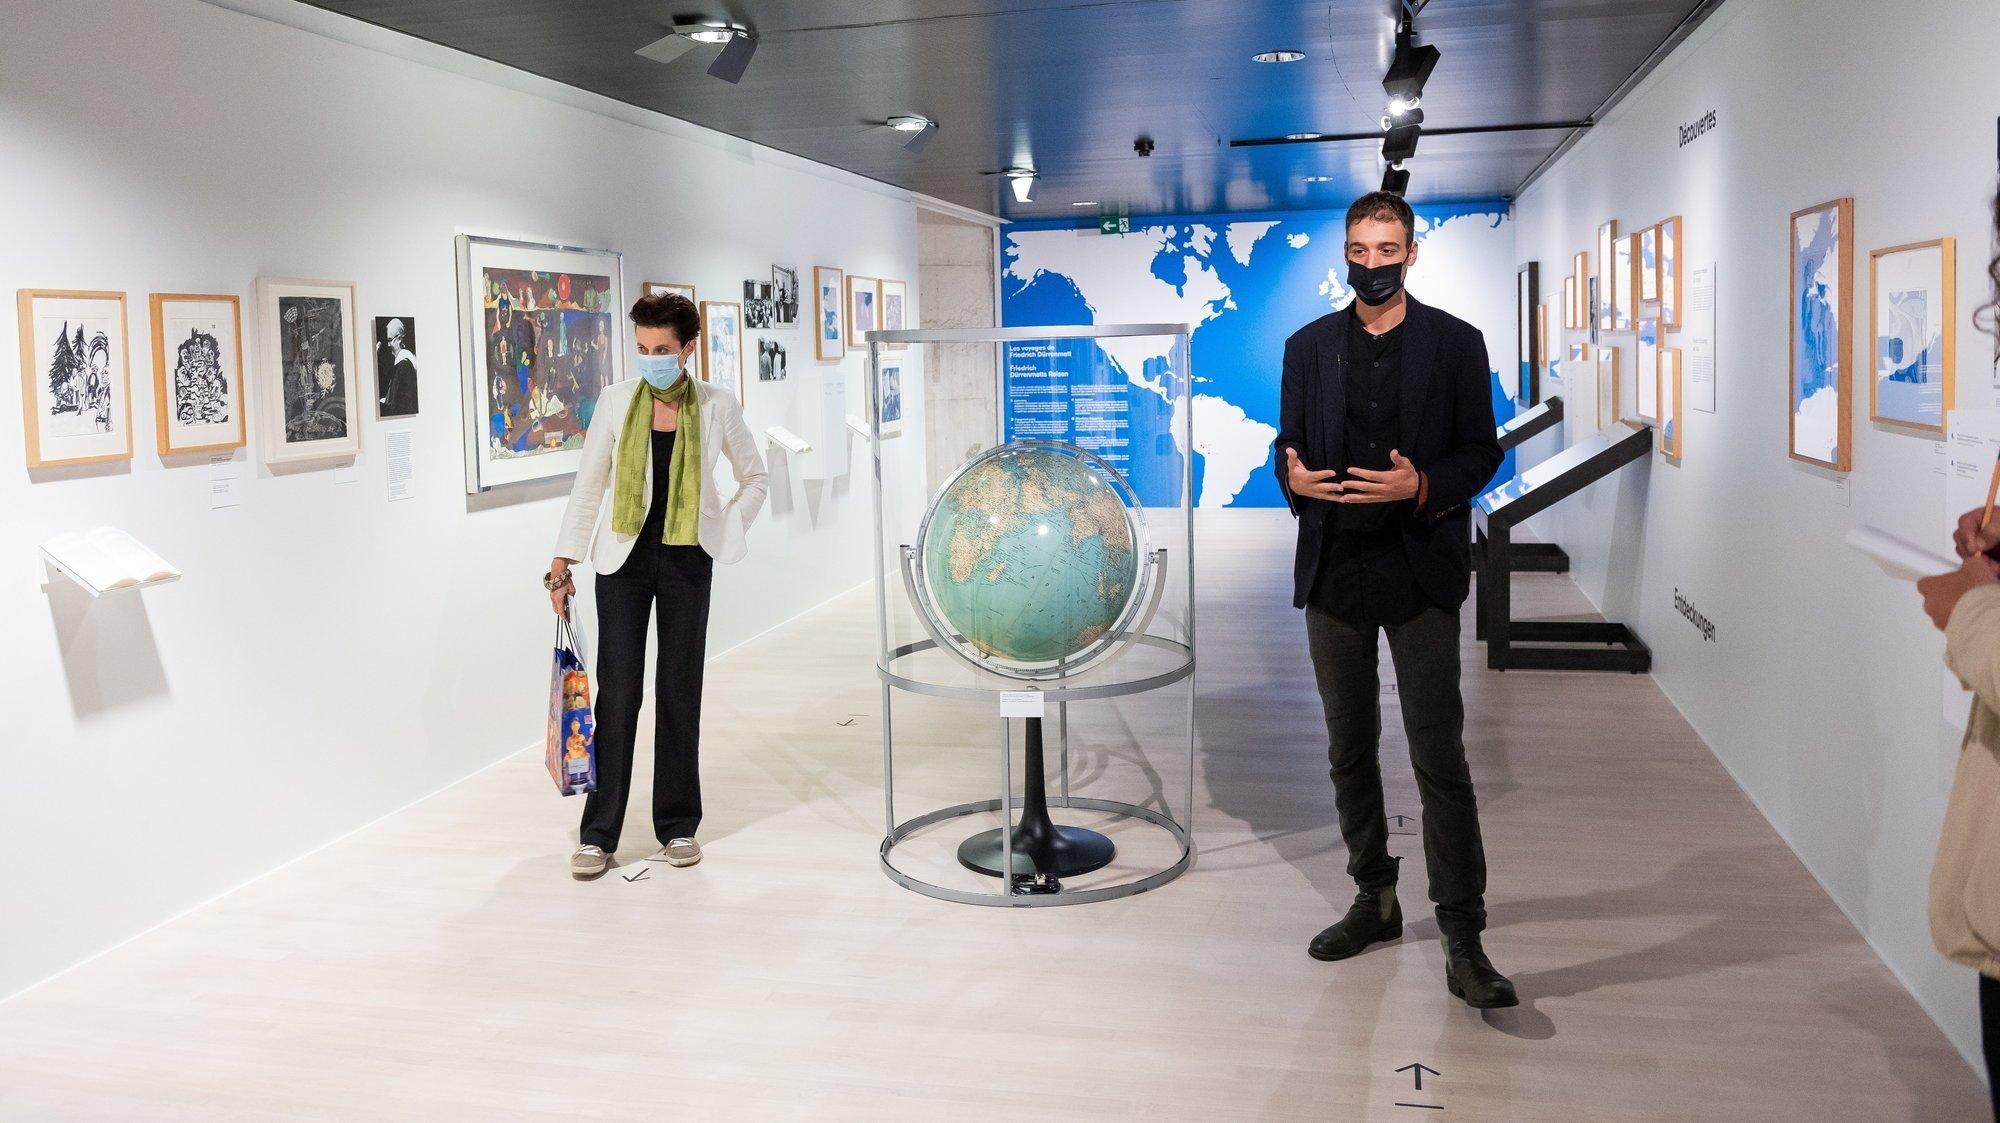 Madeleine Betschart (à gauche), directrice du CDN et Gabriel Grossert, commissaire de l'exposition, effectuent un petit voyage autour du globe.